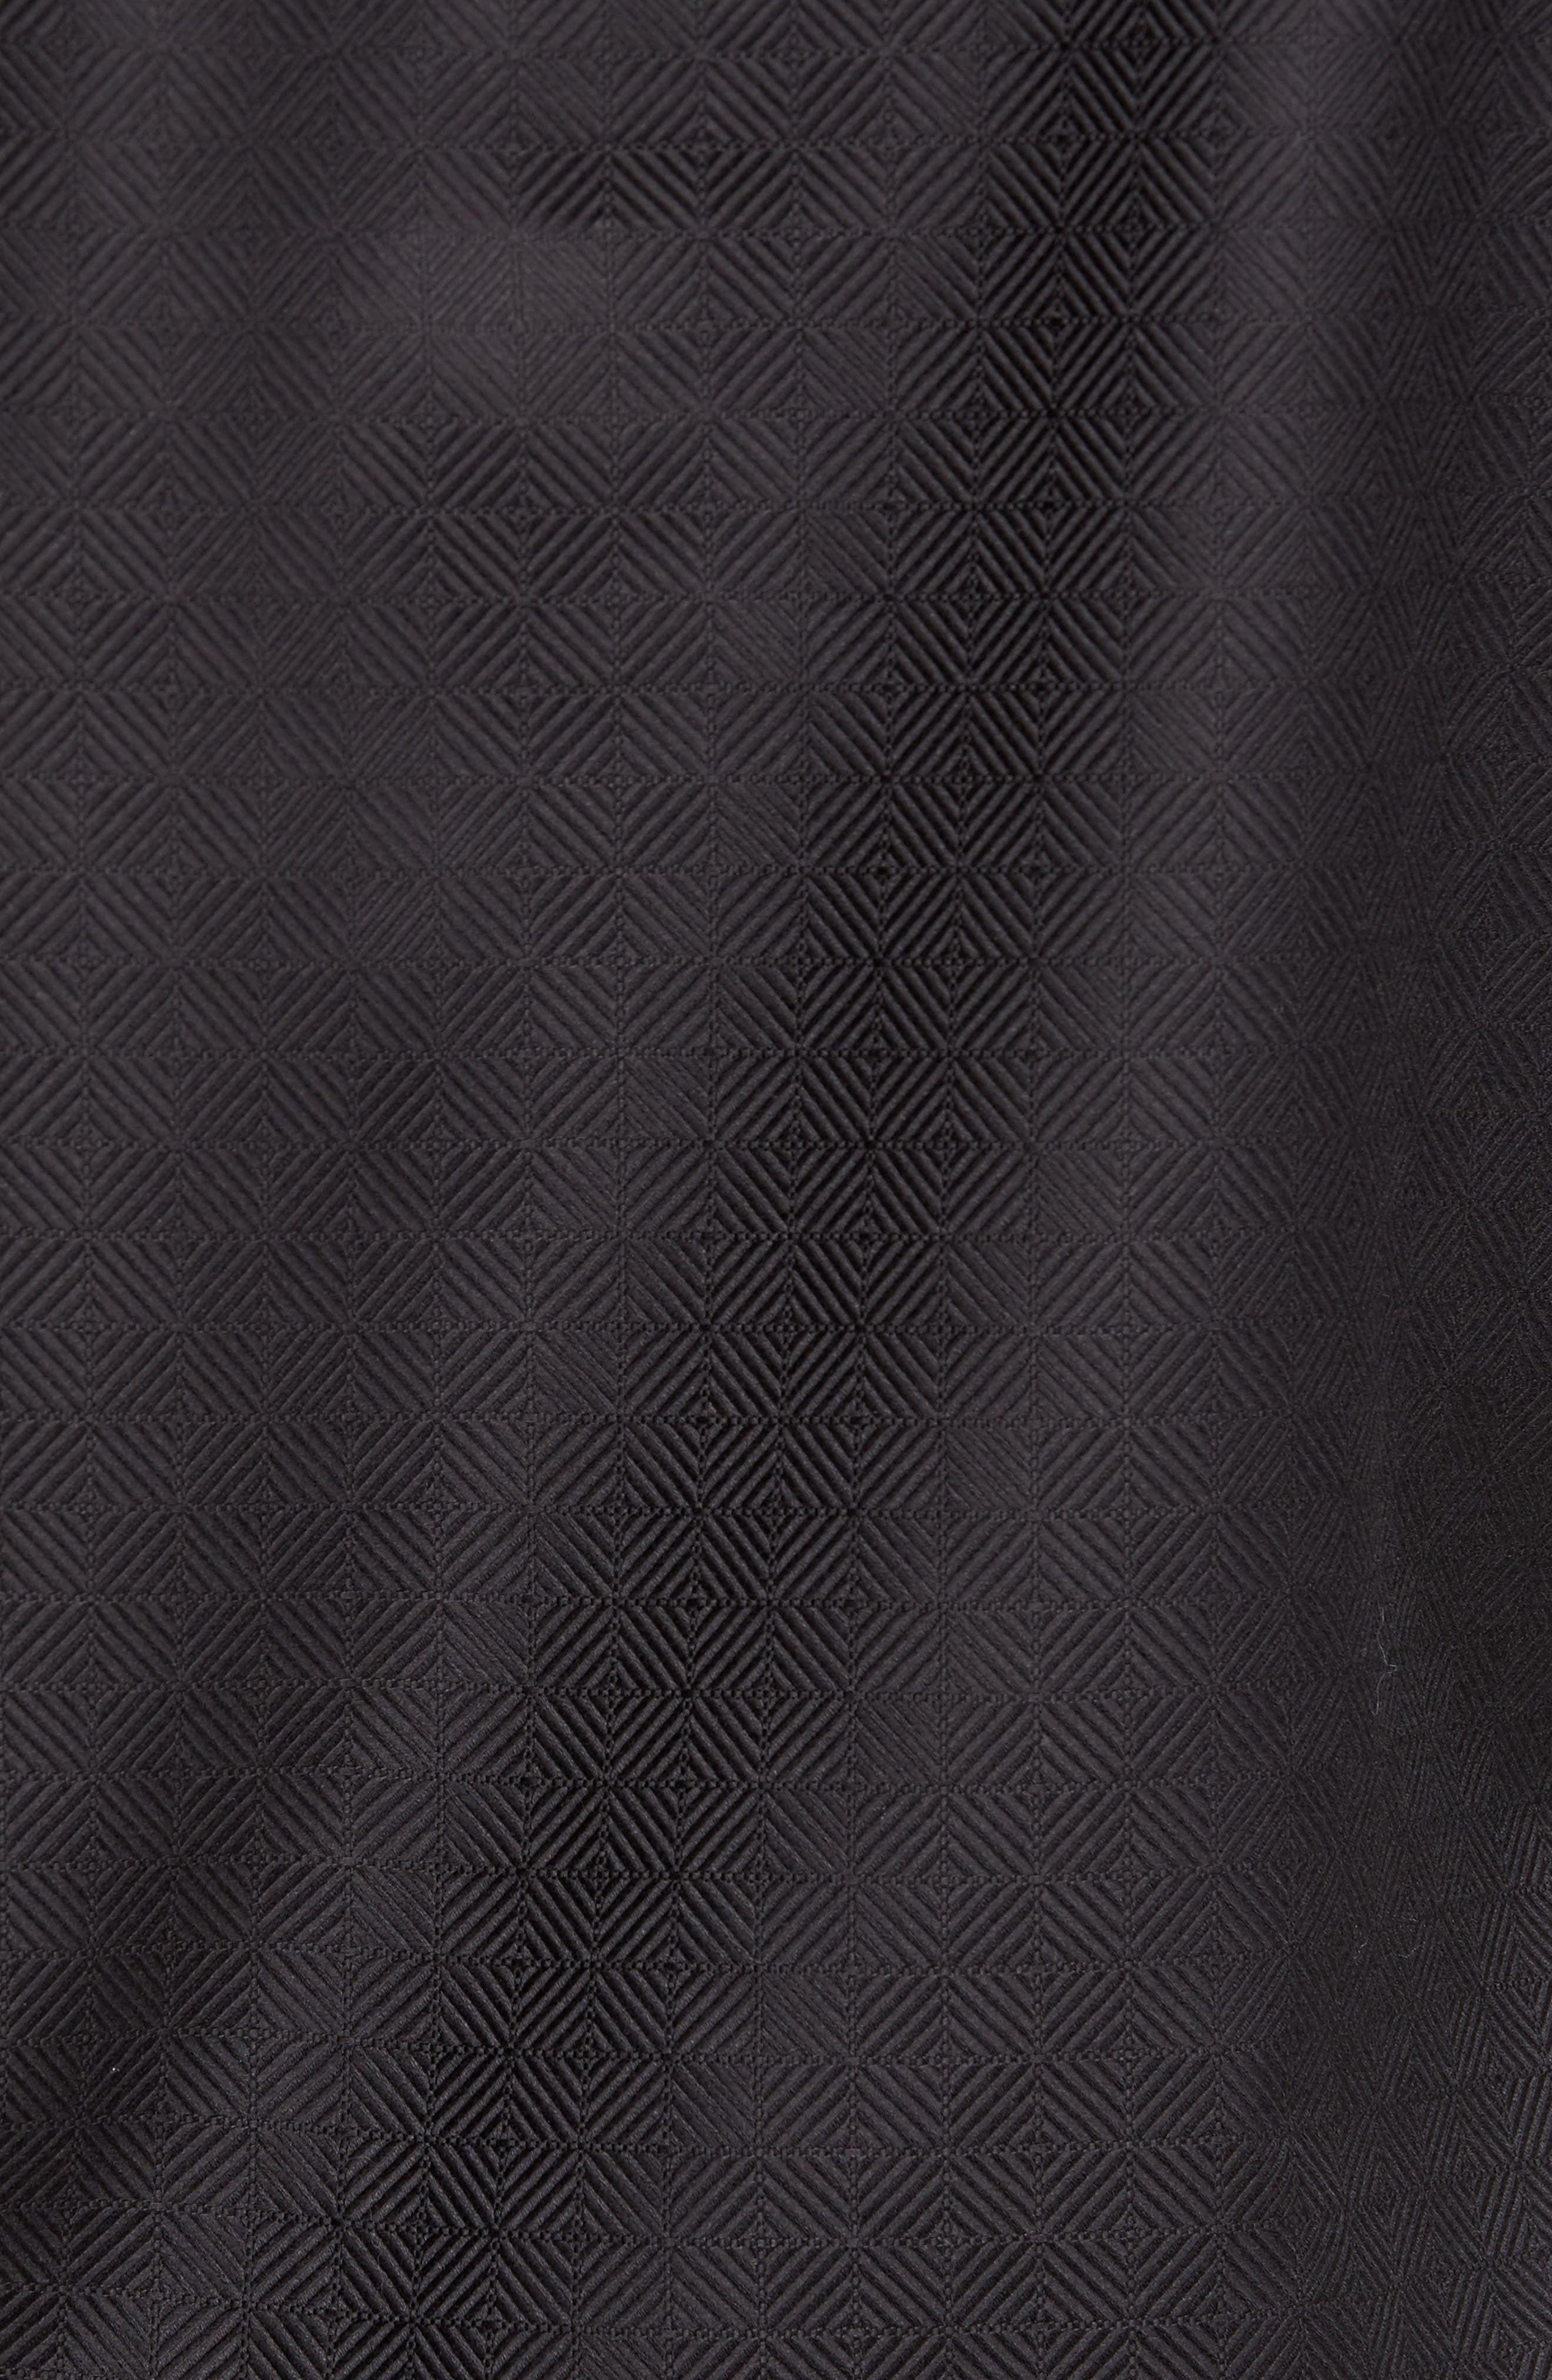 Slim Fit Diamond Jacquard Sport Shirt,                             Alternate thumbnail 5, color,                             001